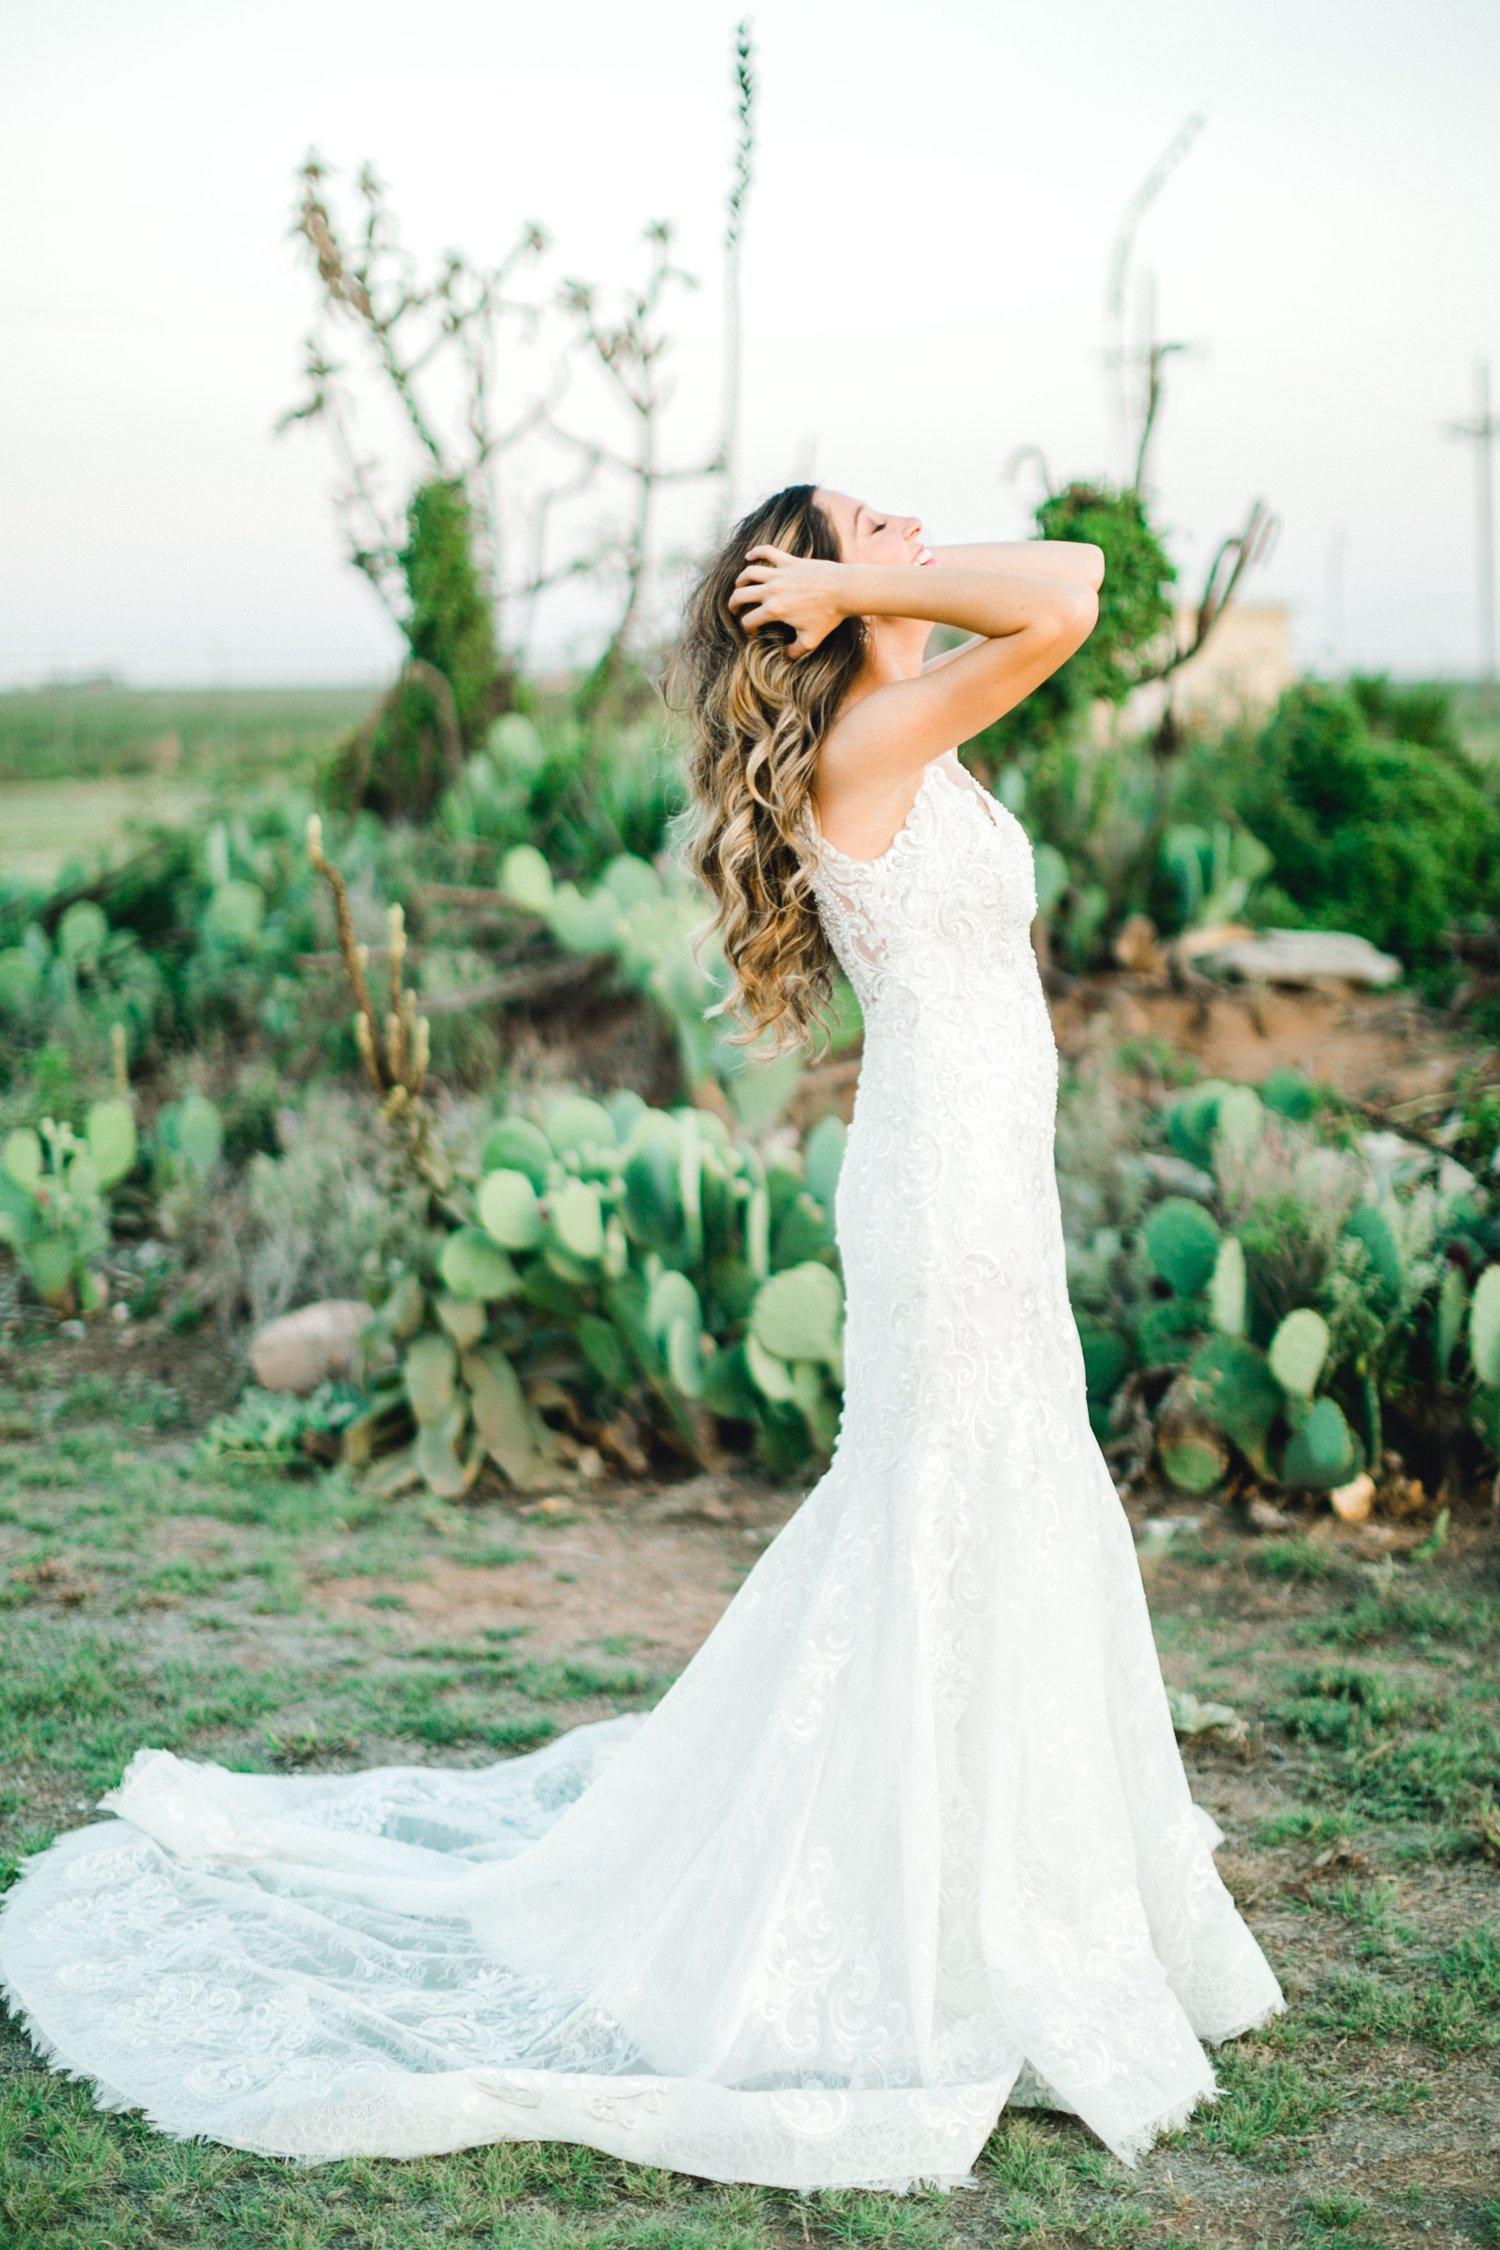 Ashley_Parr_Bridals_ALLEEJ_caprock_winery_romantic_elegant0033.jpg